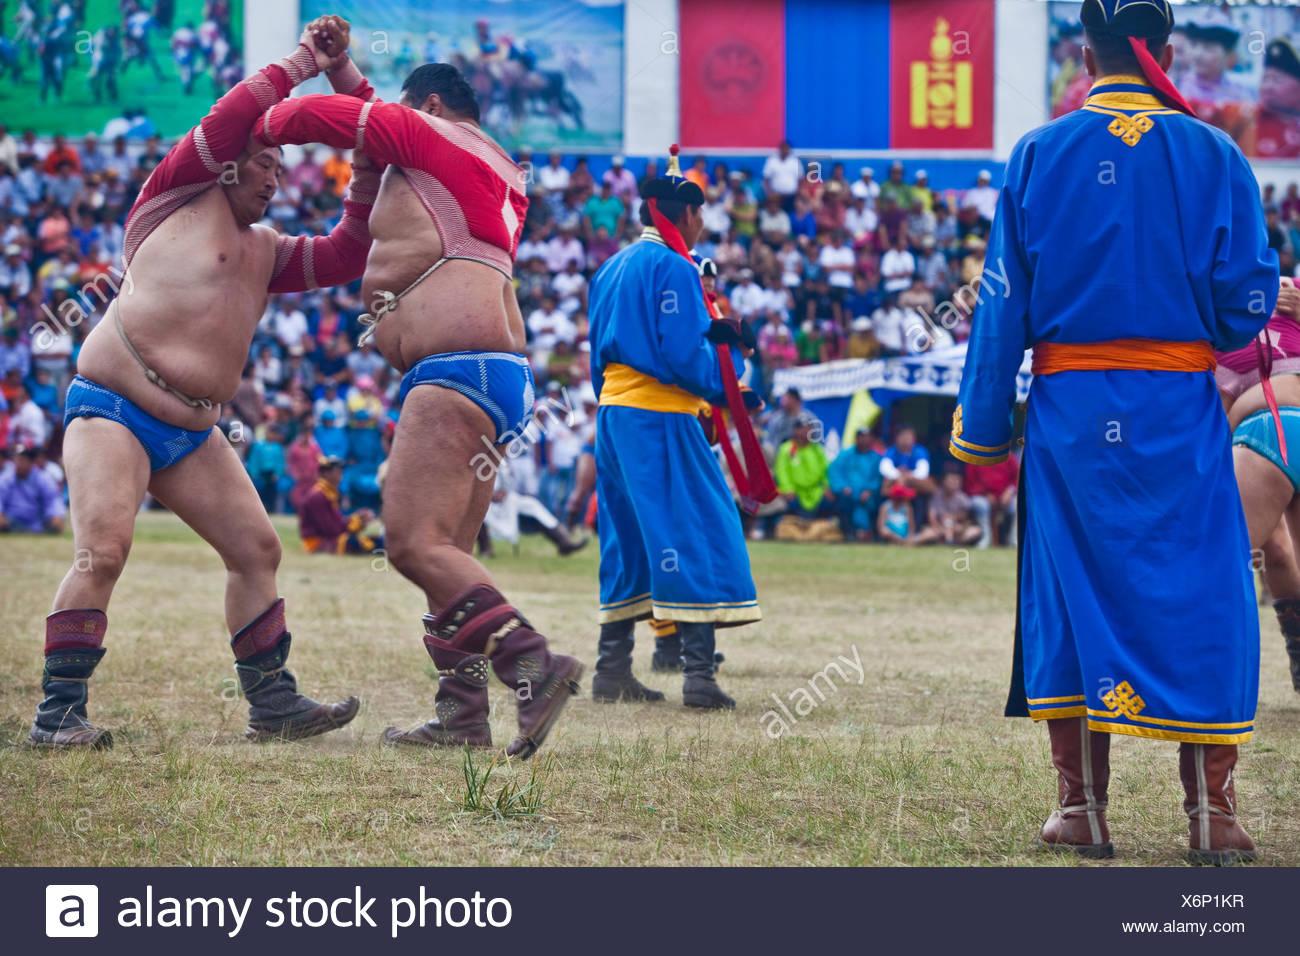 Les lutteurs lutte simultanément en face d'un auditoire enthousiaste. Le tour se termine quand l'un des compétiteurs touche le sol avec leur genou ou e Banque D'Images